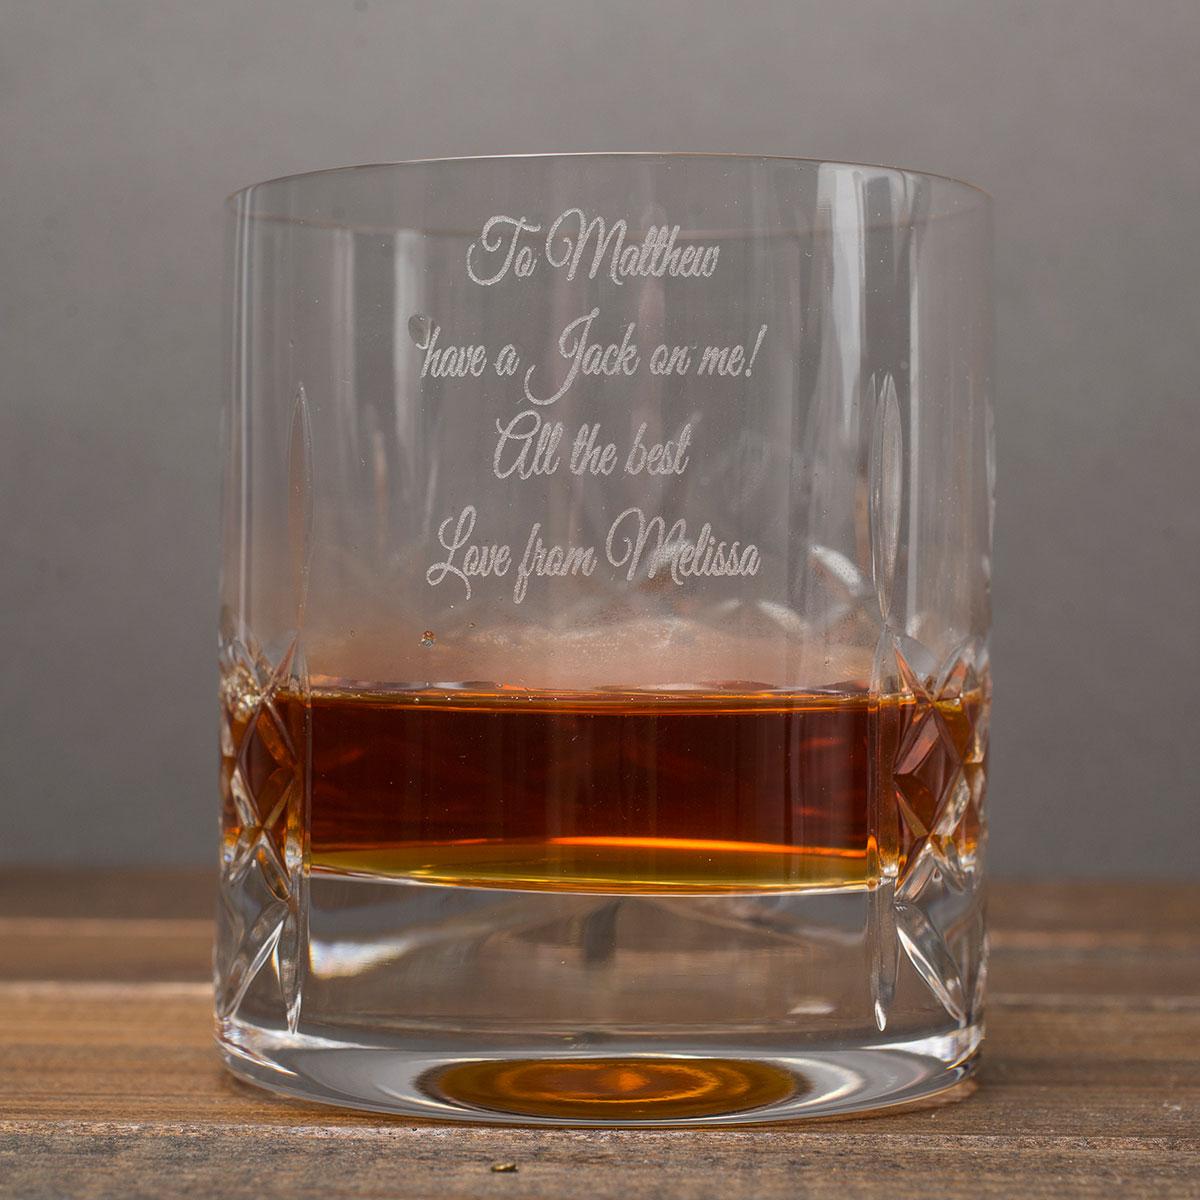 Engraved Crystal Whisky Tumbler & Jack Daniels Gift Set